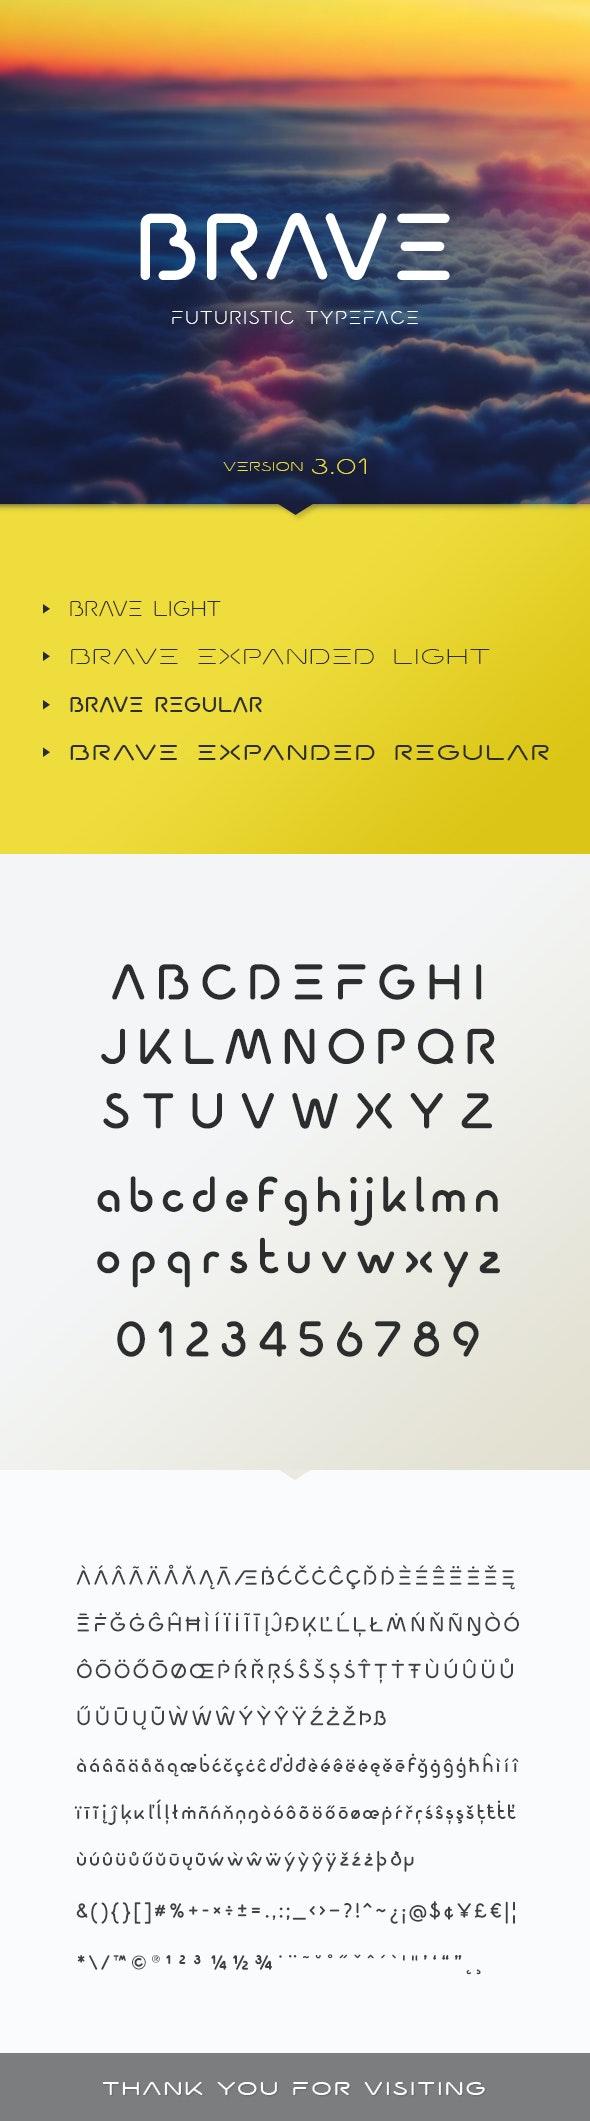 Brave Typeface - Futuristic Decorative